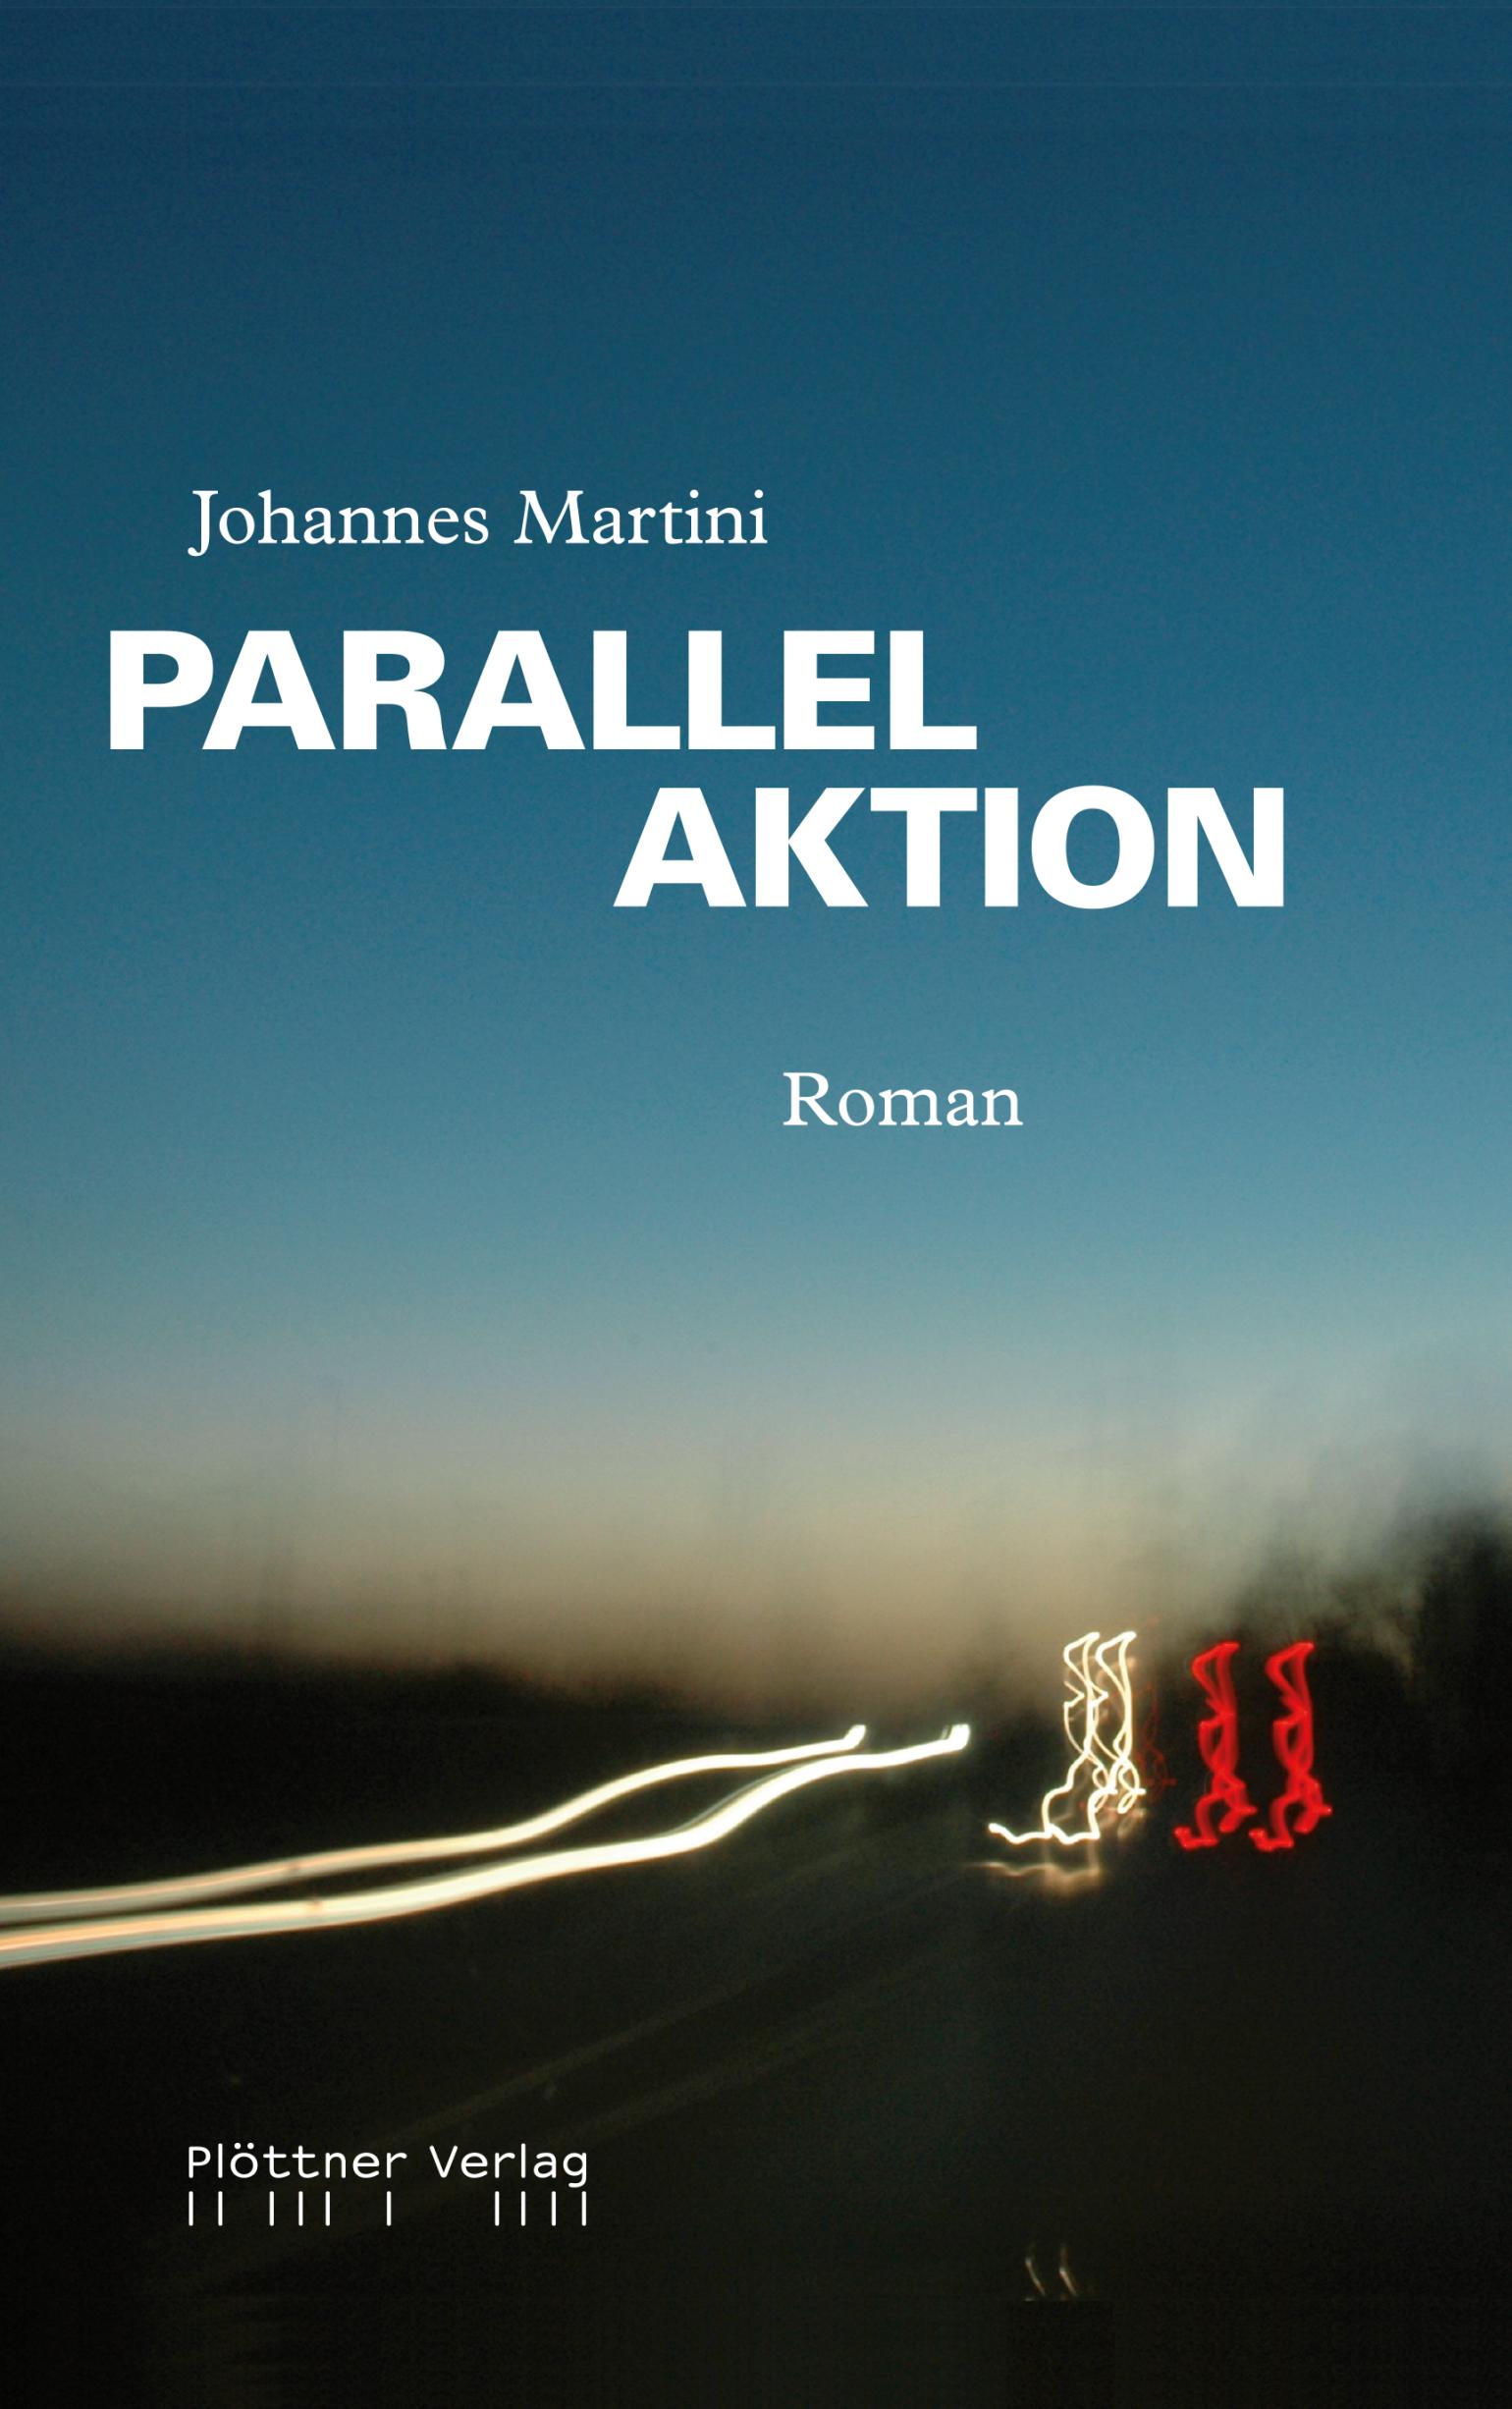 plv-parallelaktion-ganz